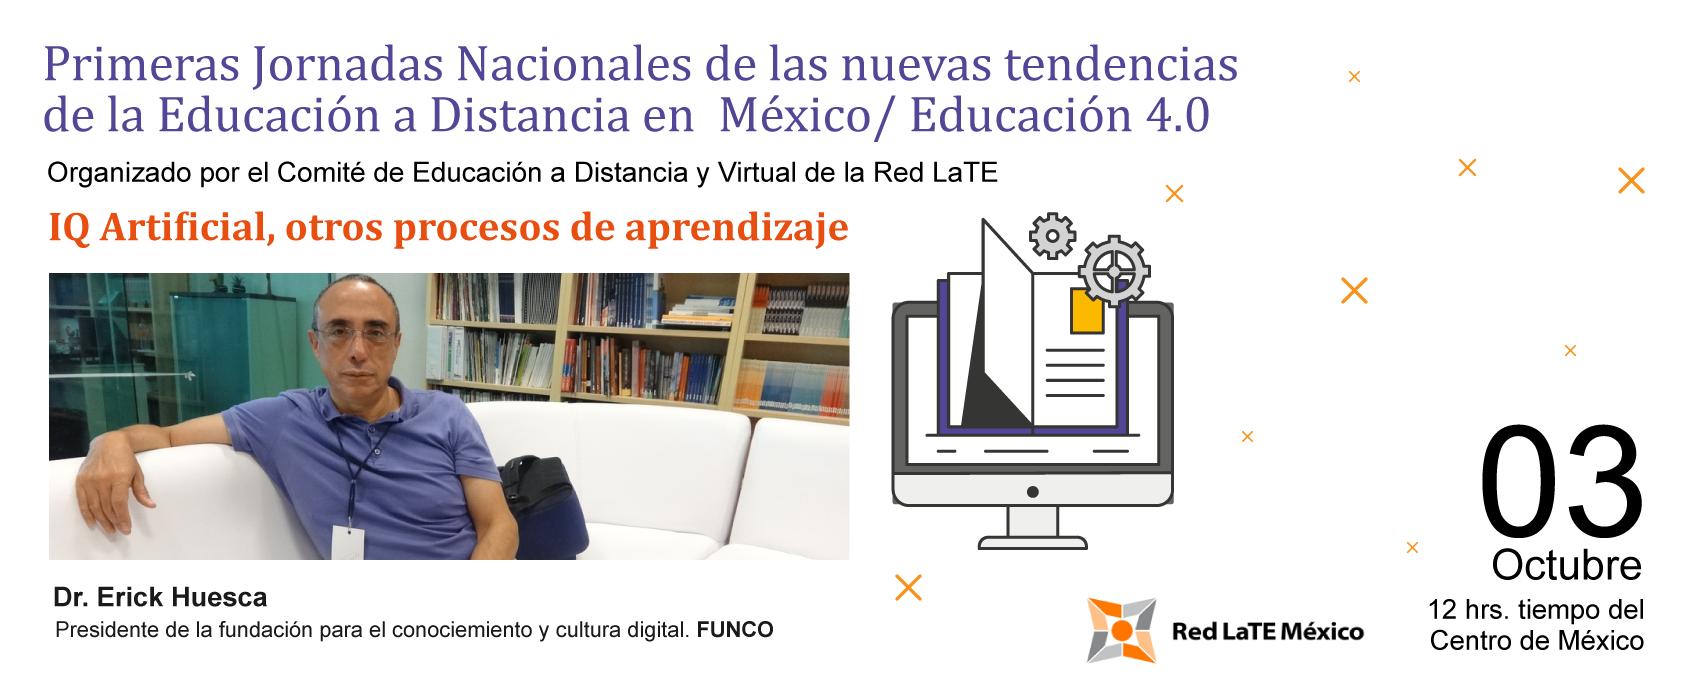 Primera Jornadas Nacionales de las nuevas tendencias de la Educación a Distancia en México/ Educación 4.0